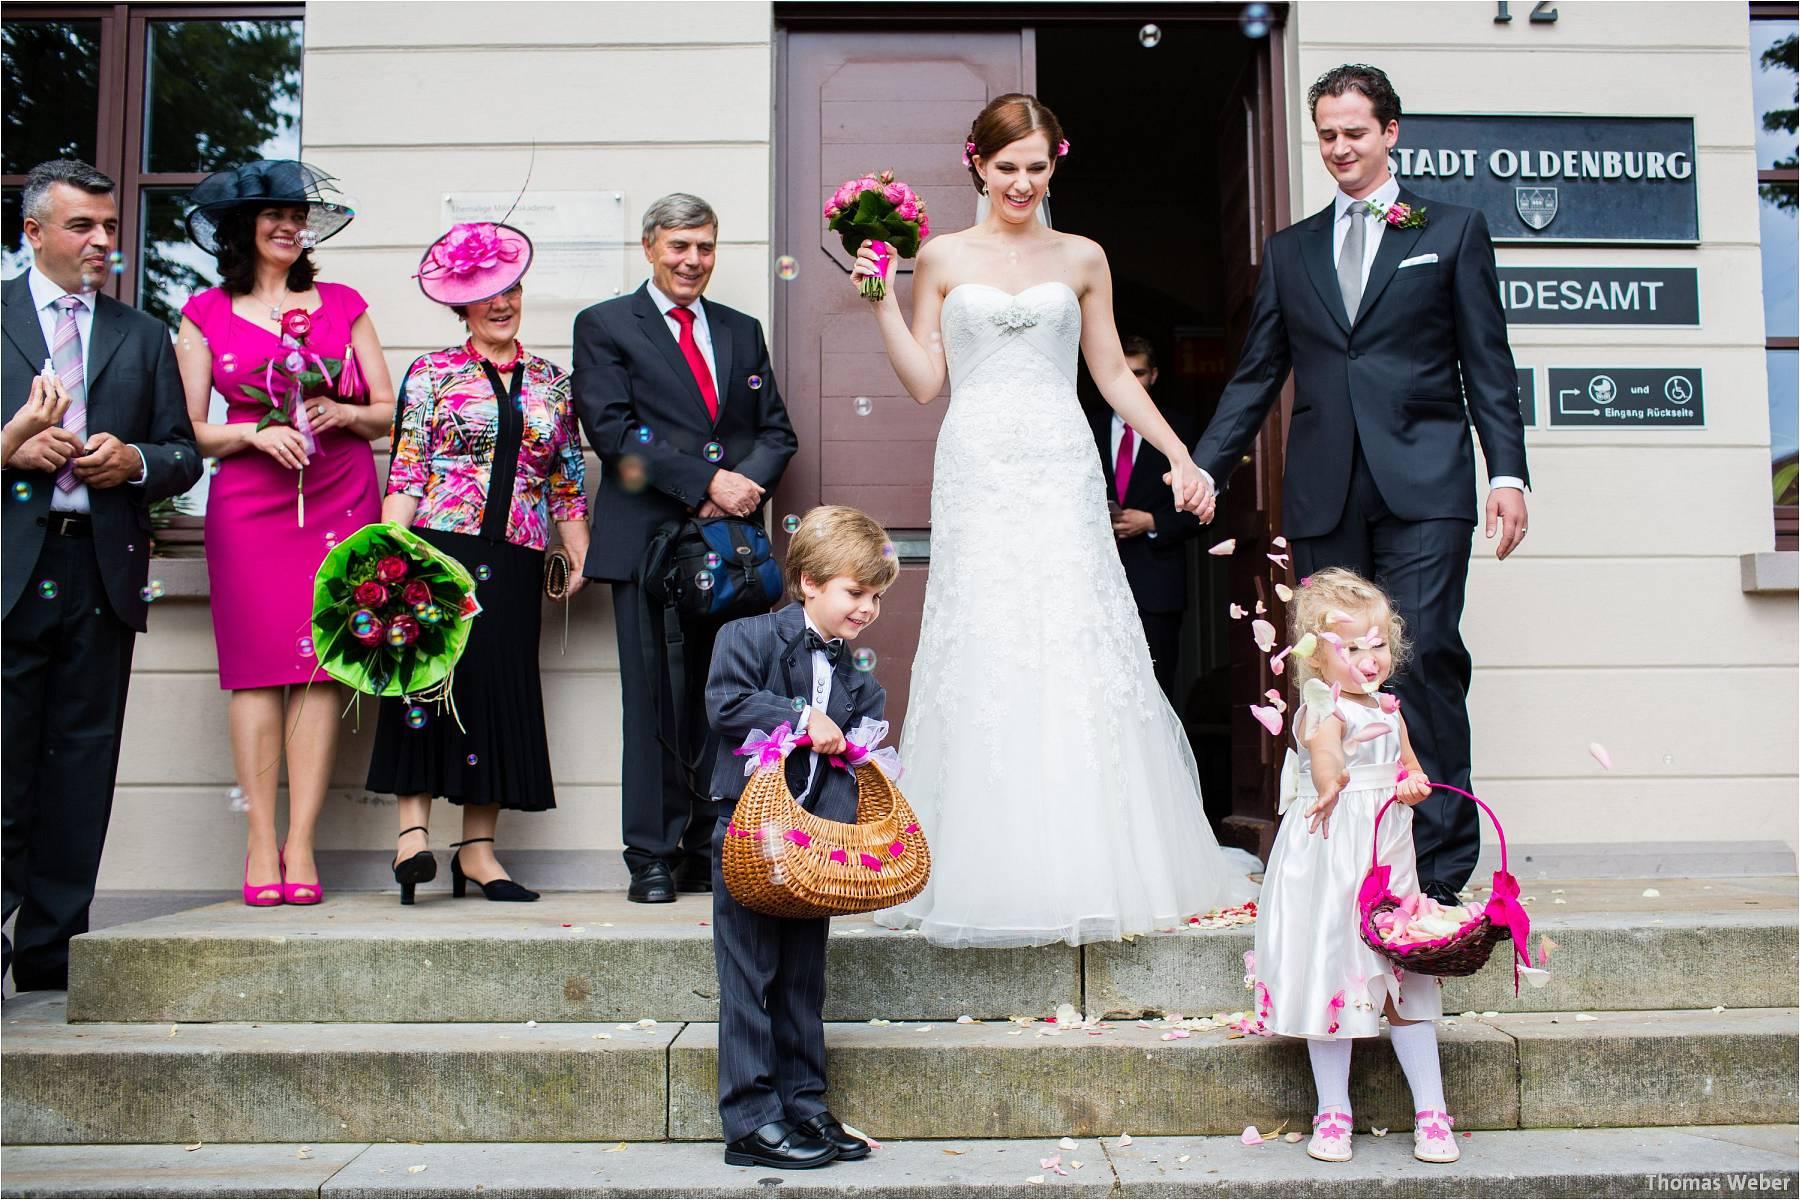 Hochzeitsfotograf Oldenburg: Russische Hochzeit im Standesamt am Pferdemarkt und Hochzeitsfeier im Landhaus Etzhorn (12)